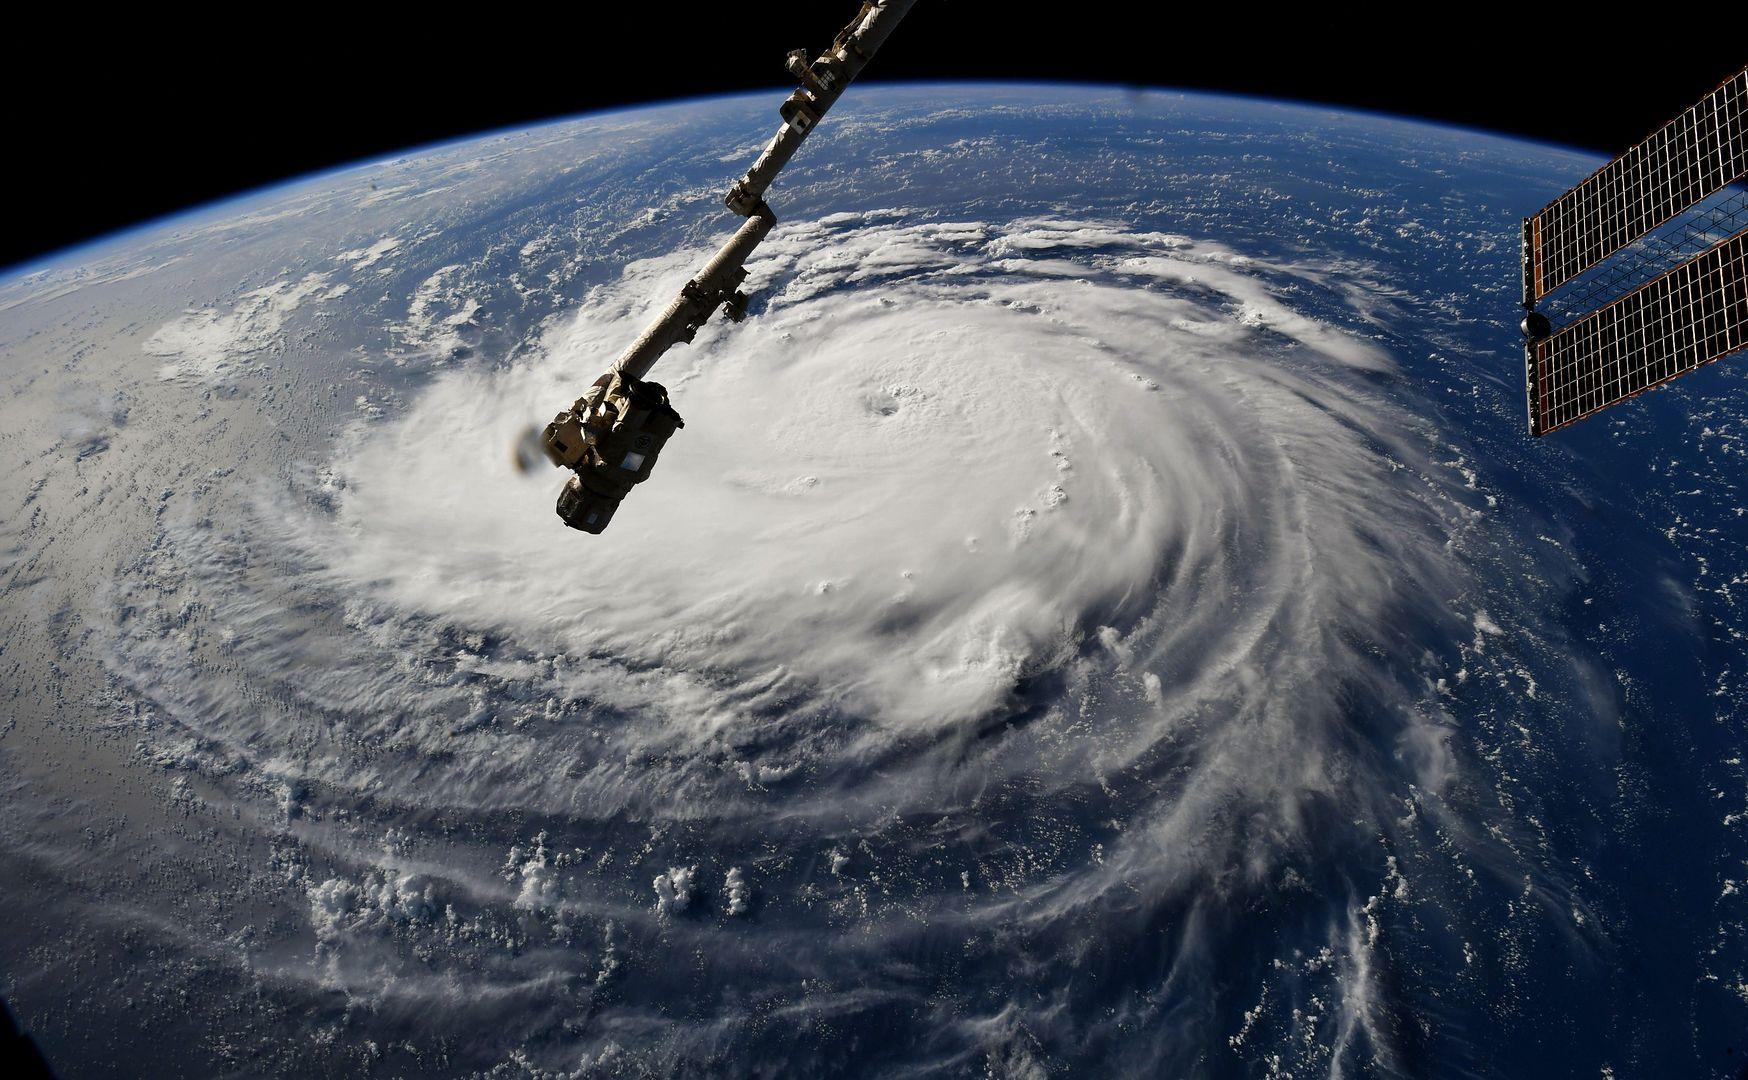 Huragan Florence widziany z kosmosu. SatRevolution też chce dostarczać zdjęcia z orbity